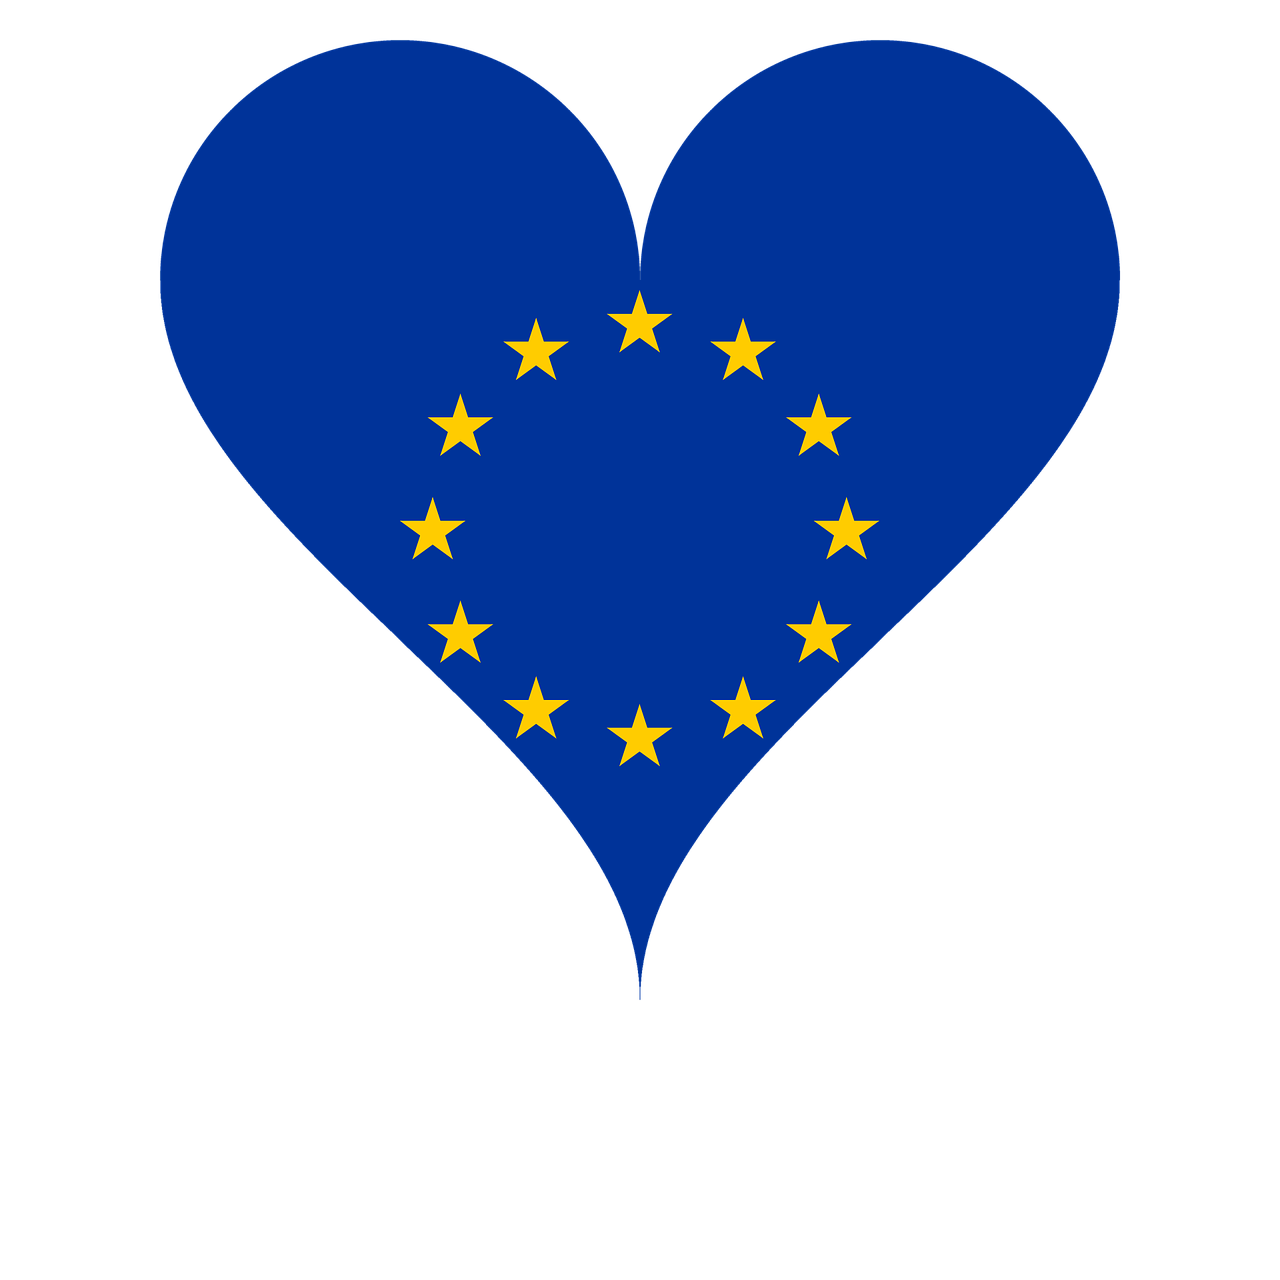 EUROPA, UN SIGLO DESPUÉS DE LA GRAN GUERRA.